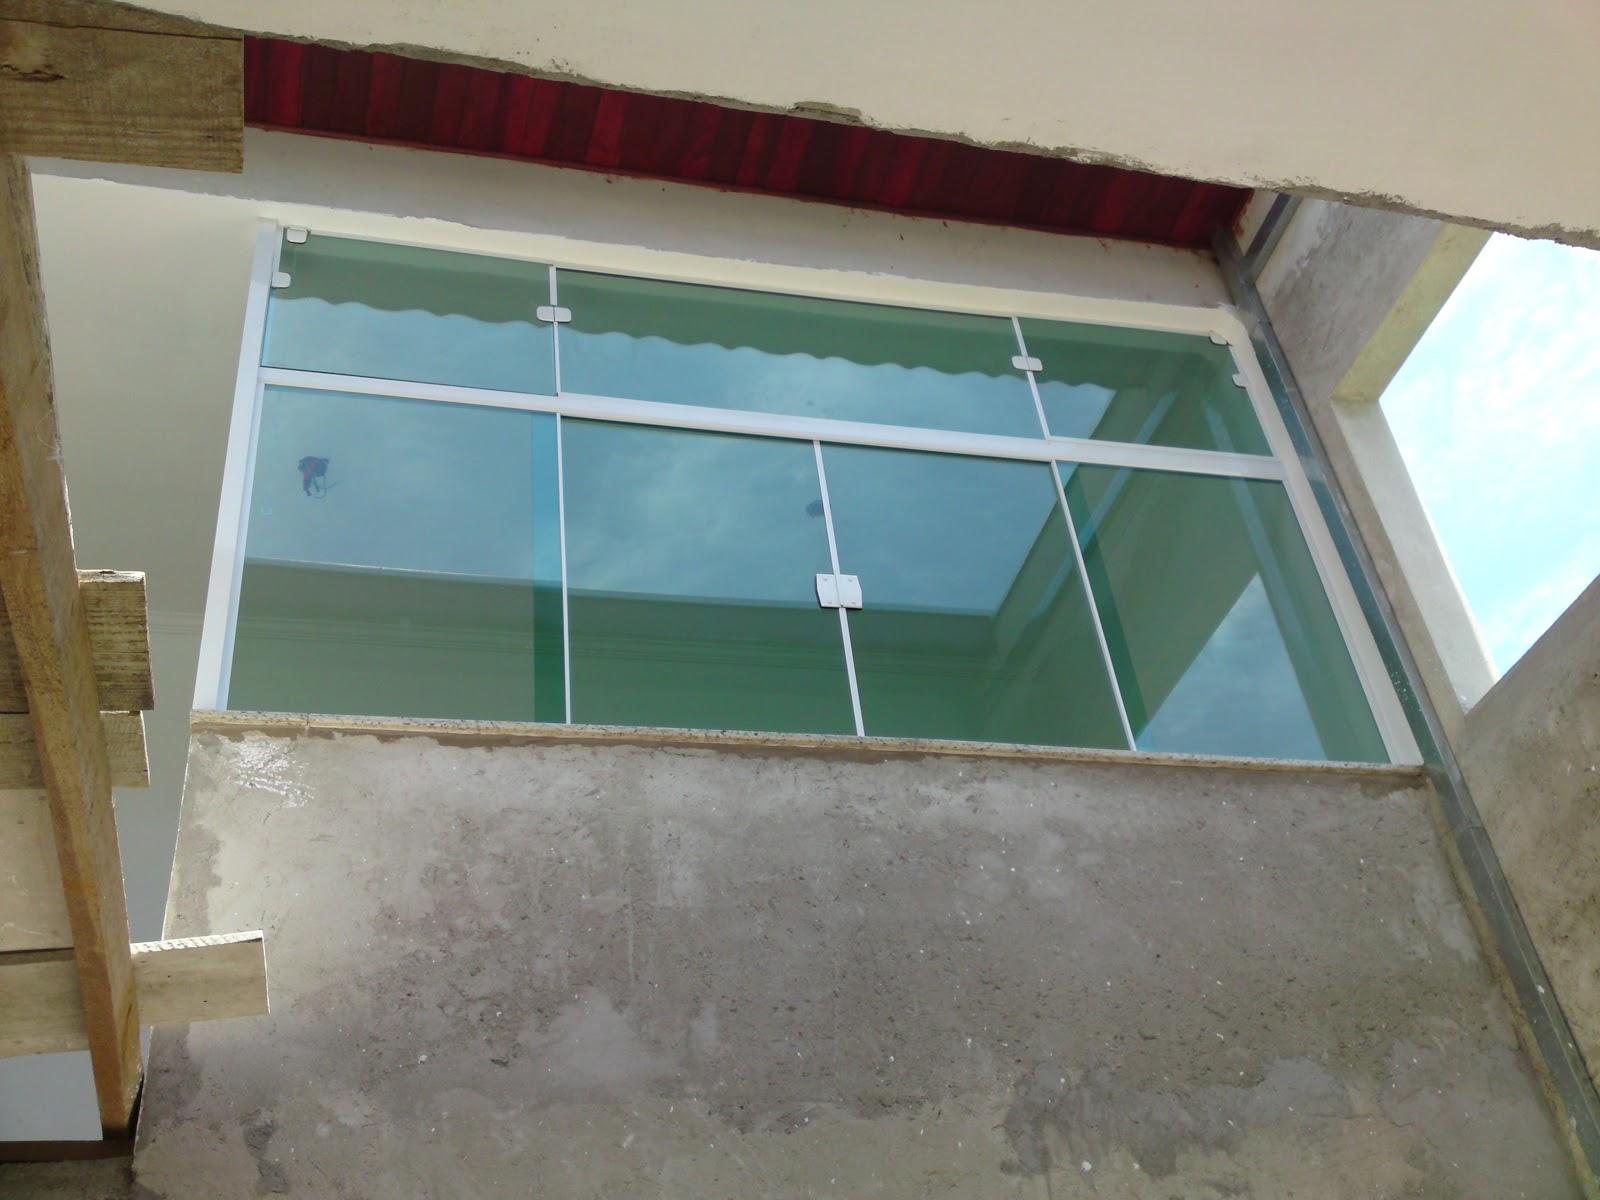 #604D30 domingo 18 de novembro de 2012 0 recados tweet 414 Janelas De Vidros Em Fortaleza